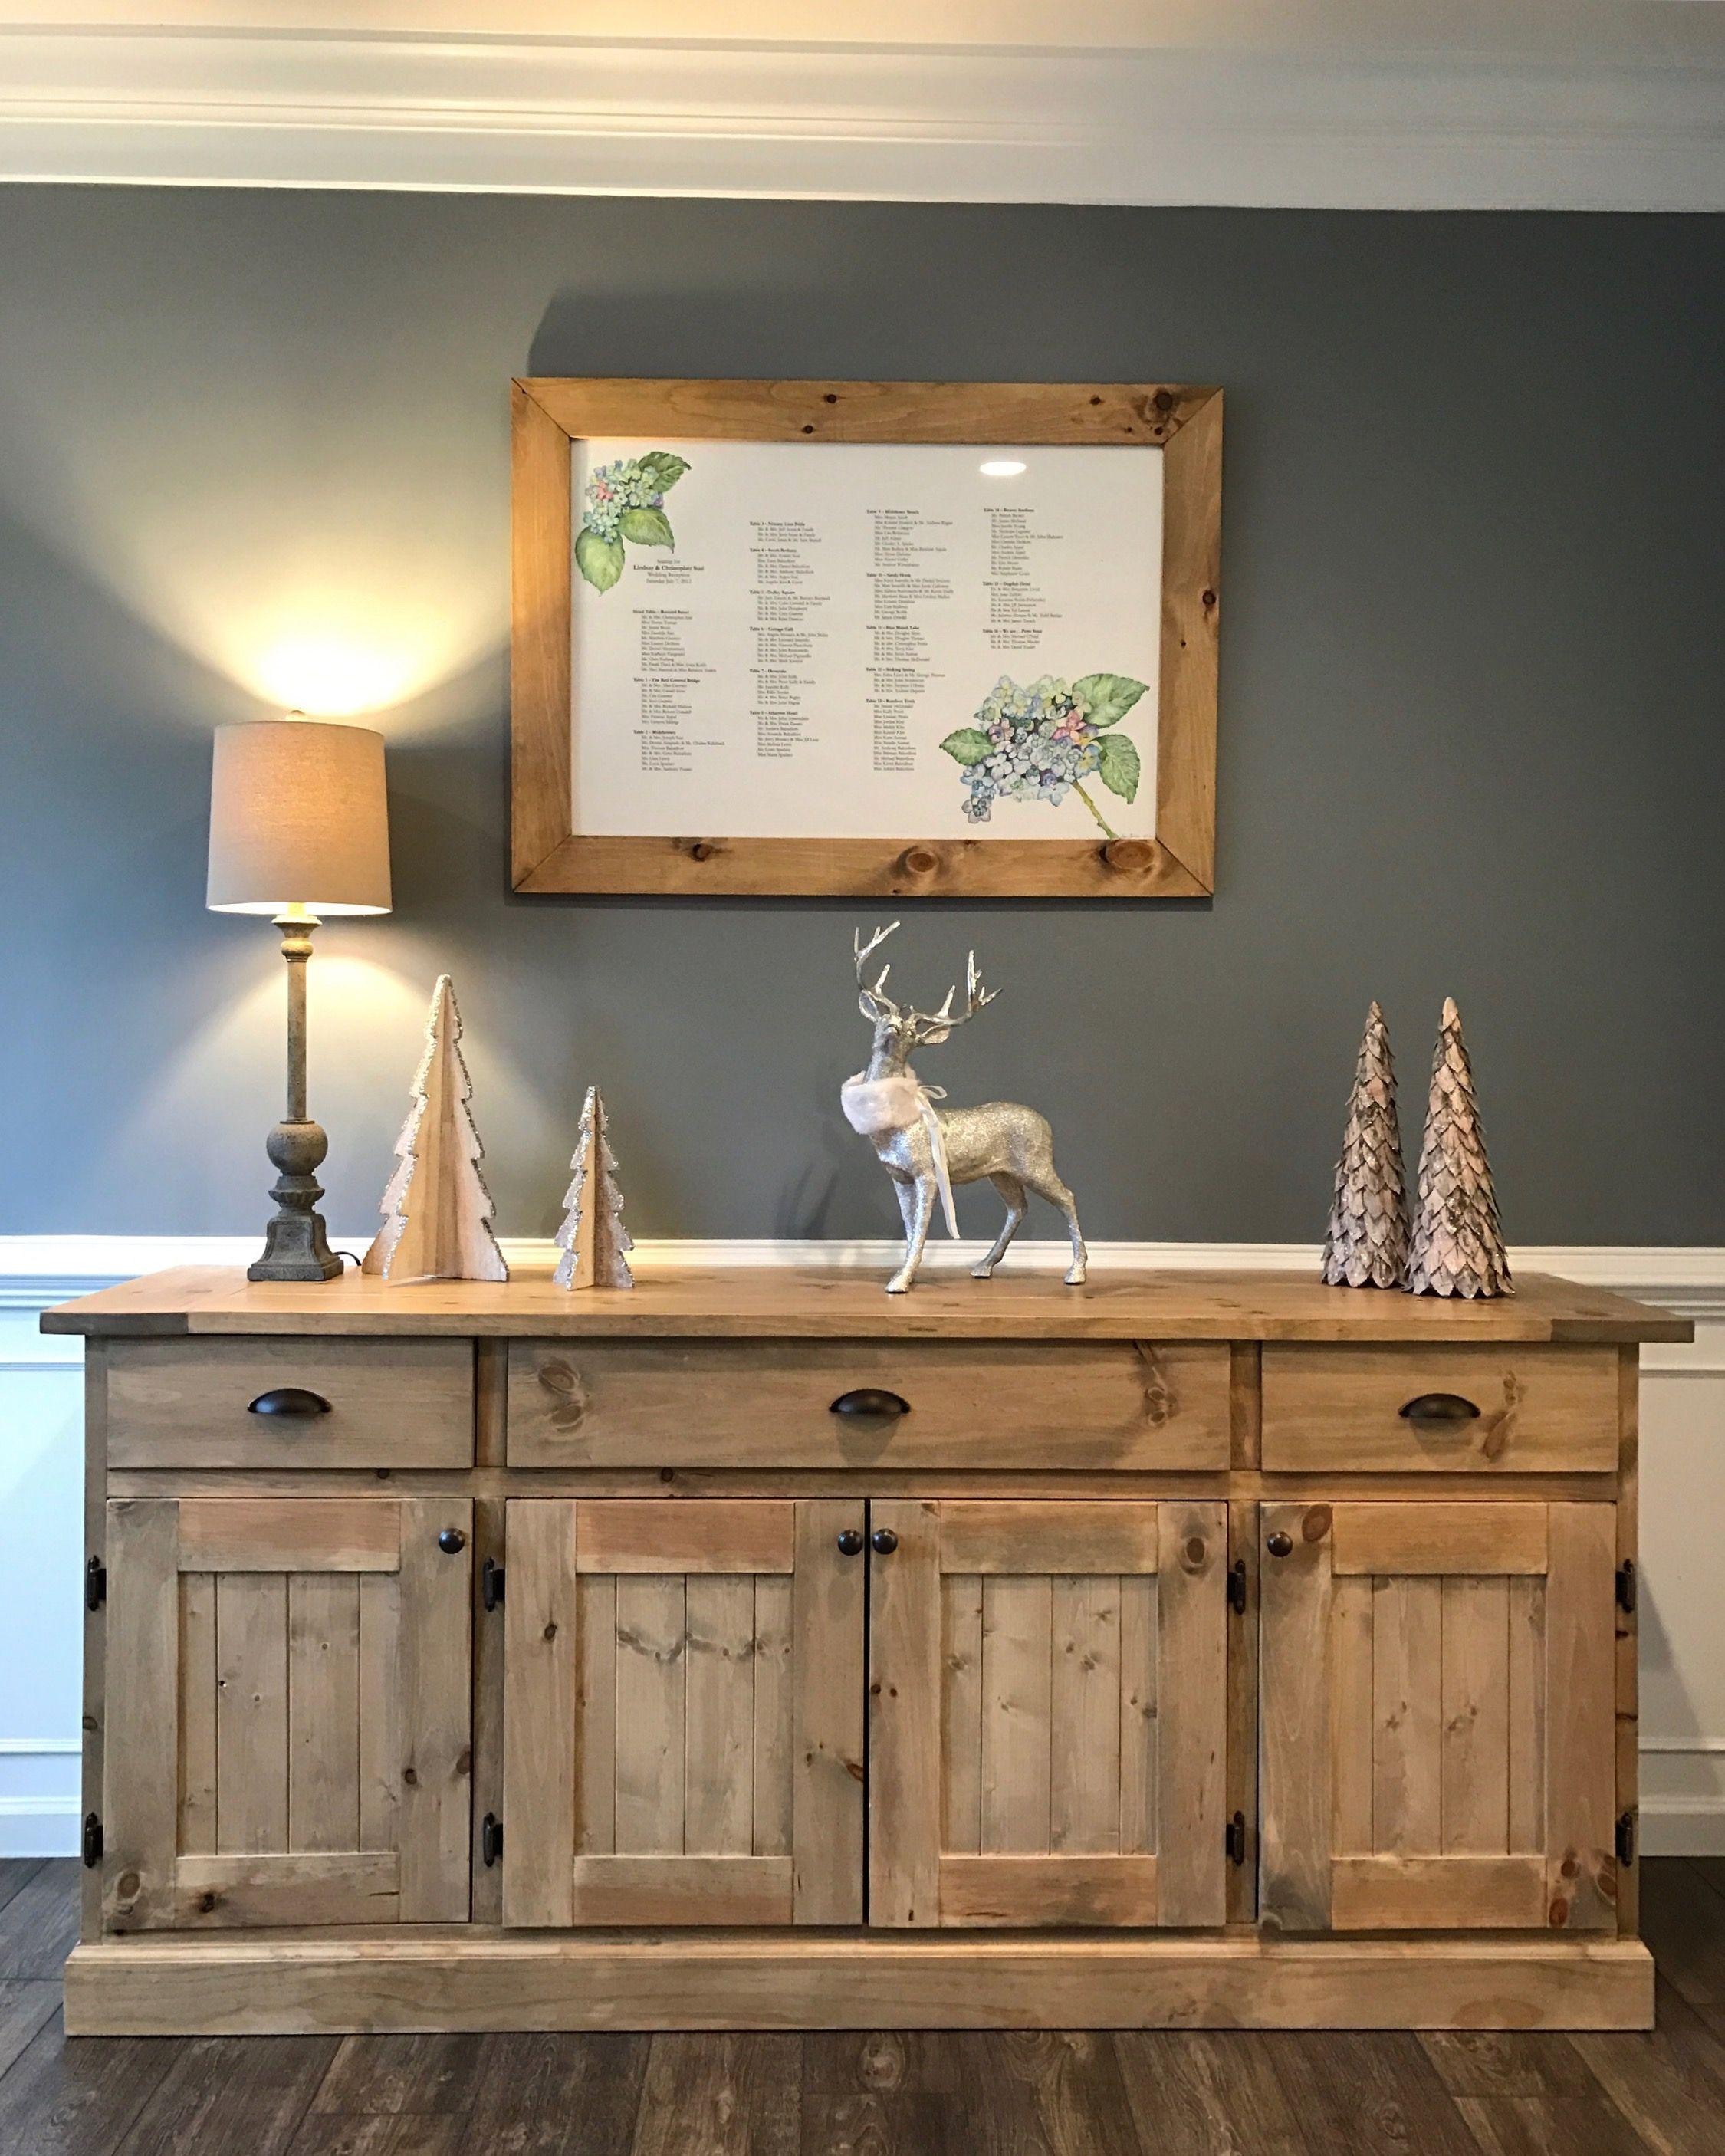 Midatlanticrustic Etsy Shop Dining Room Buffet #midatlanticrustic Entrancing Small Dining Room Sideboard Inspiration